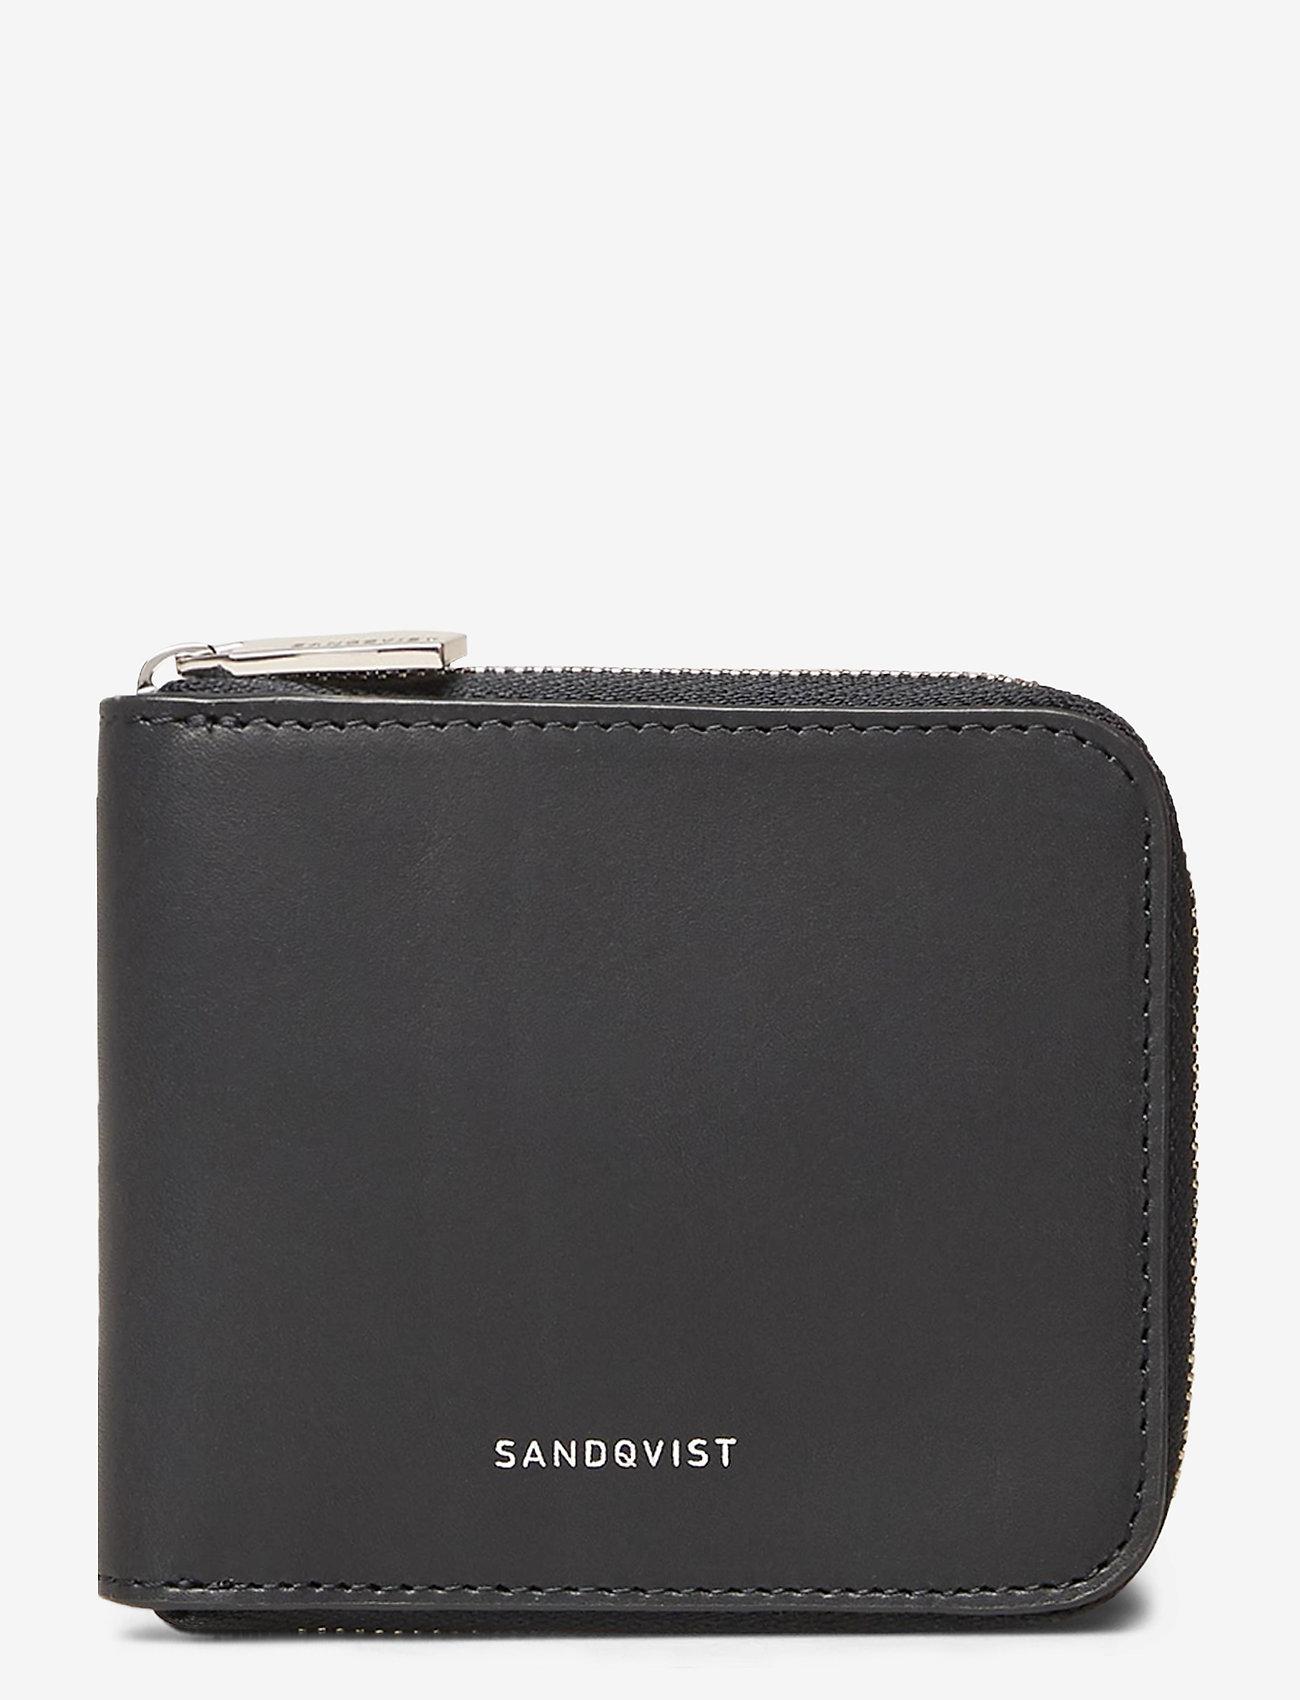 SANDQVIST TYKO - Wallets & cases NAVY WITH BLACK INTERIOR - Akcesoria